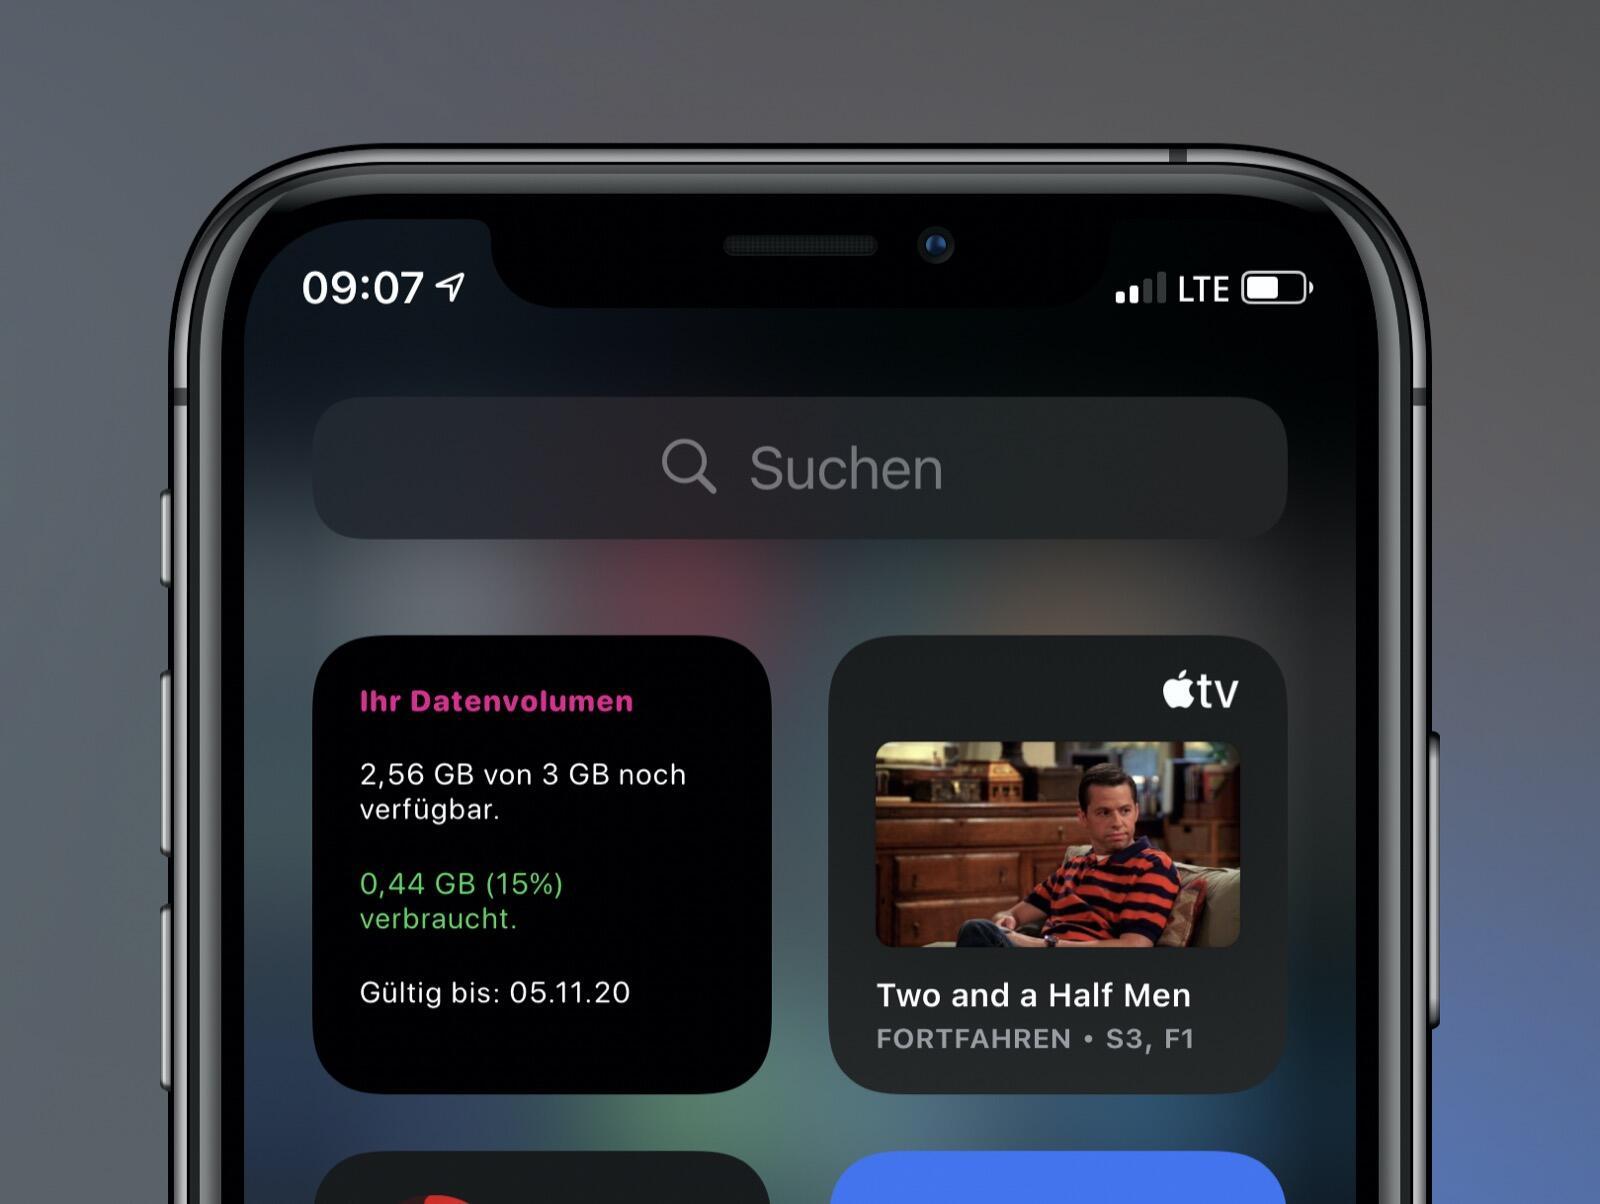 telekom-datenverbauch-widget-neu.jpeg?w=1600&ssl=1